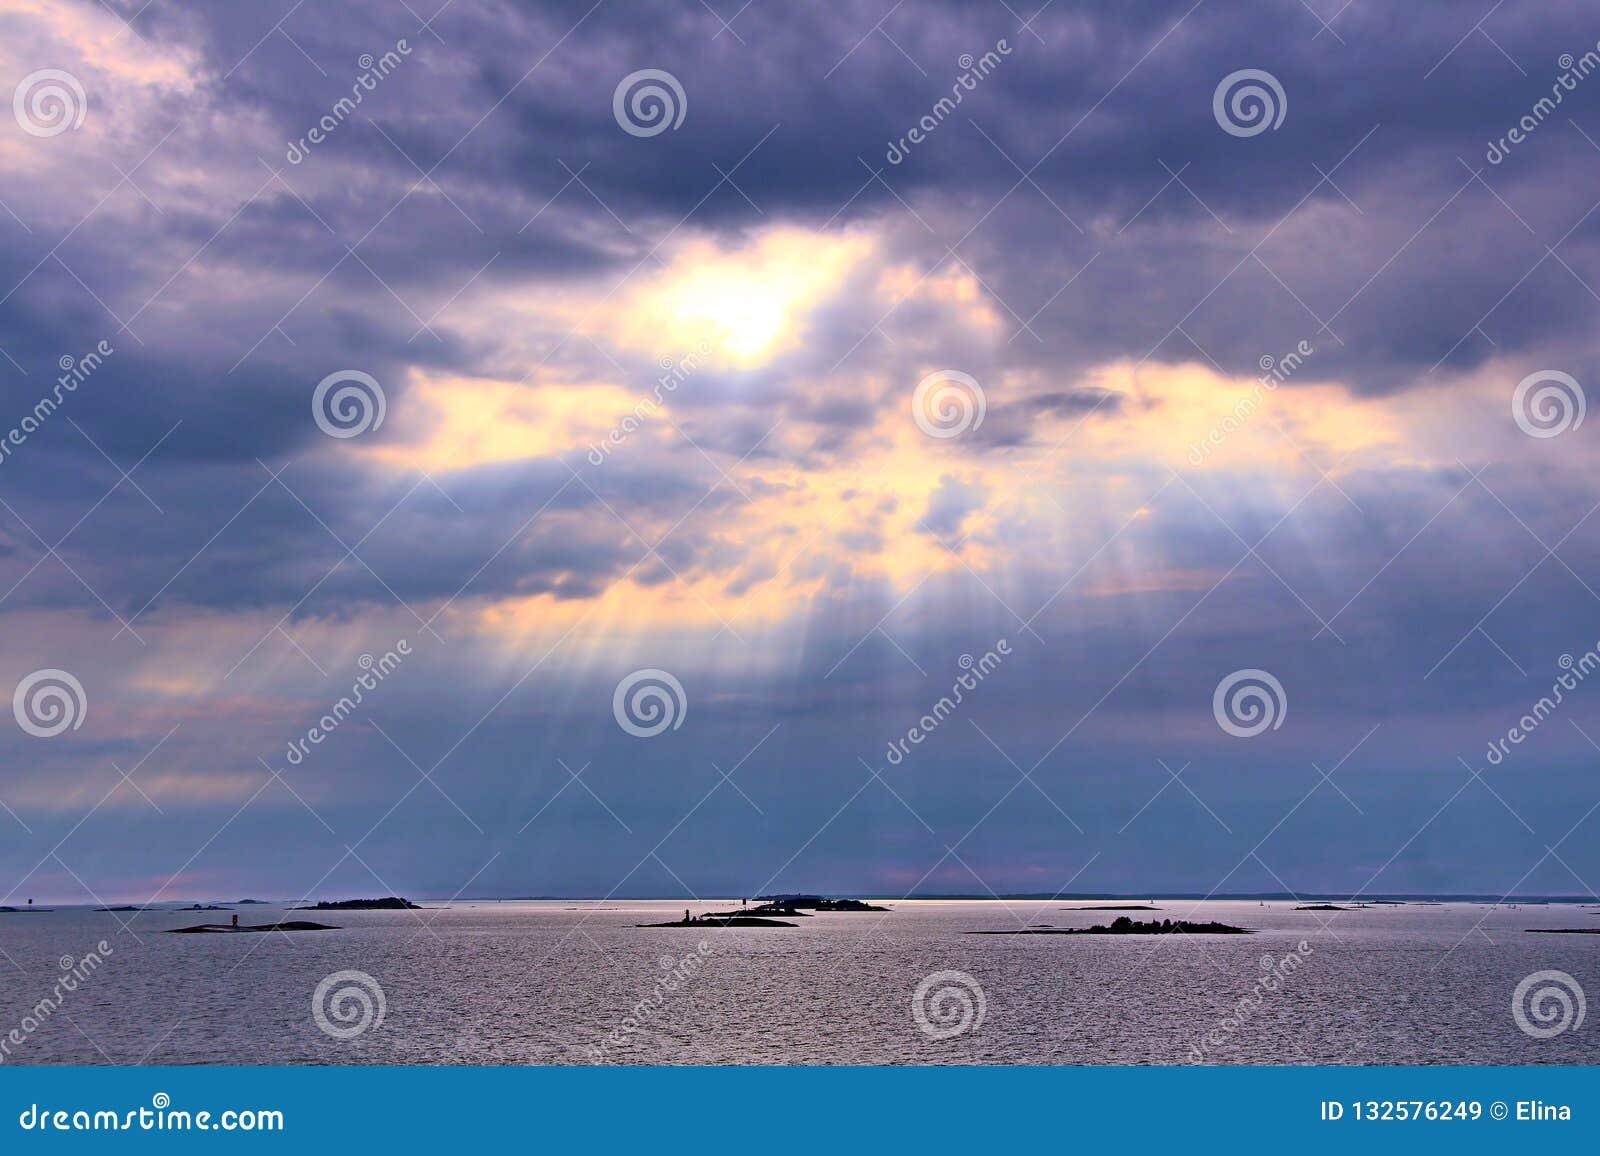 Le soleil derrière les nuages avec des rayons de bas brillant léger sur la mer